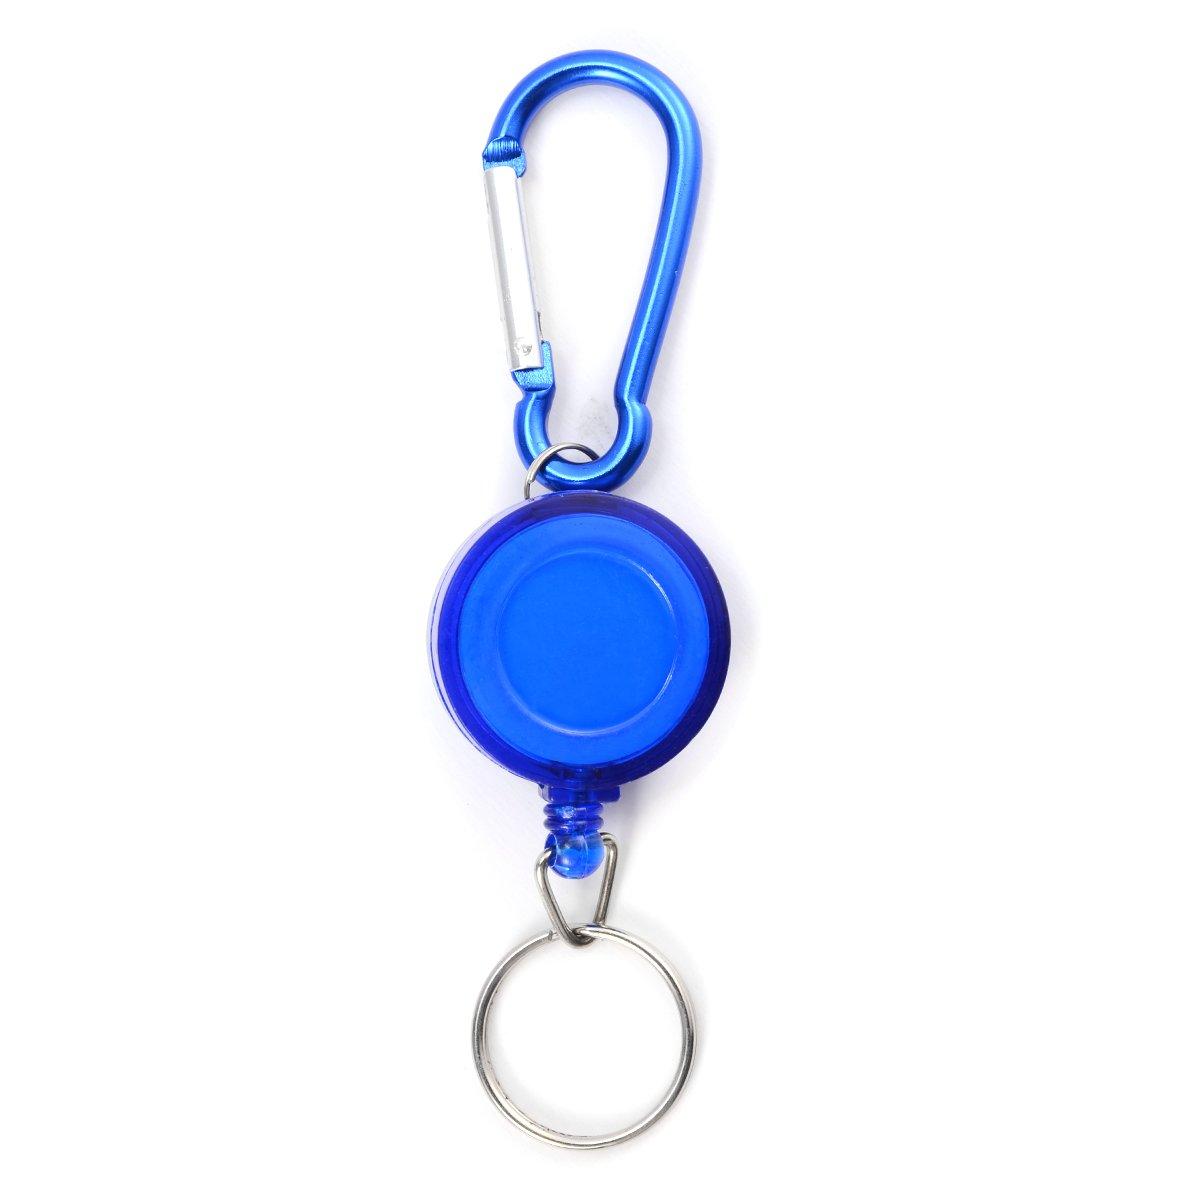 Portatessera RSDM Systems chiave auto per skipass JoJo moschettone da sci PAS Yoyo ID pass lilla/rosso/blu/nero Schwarz nero Surepromise